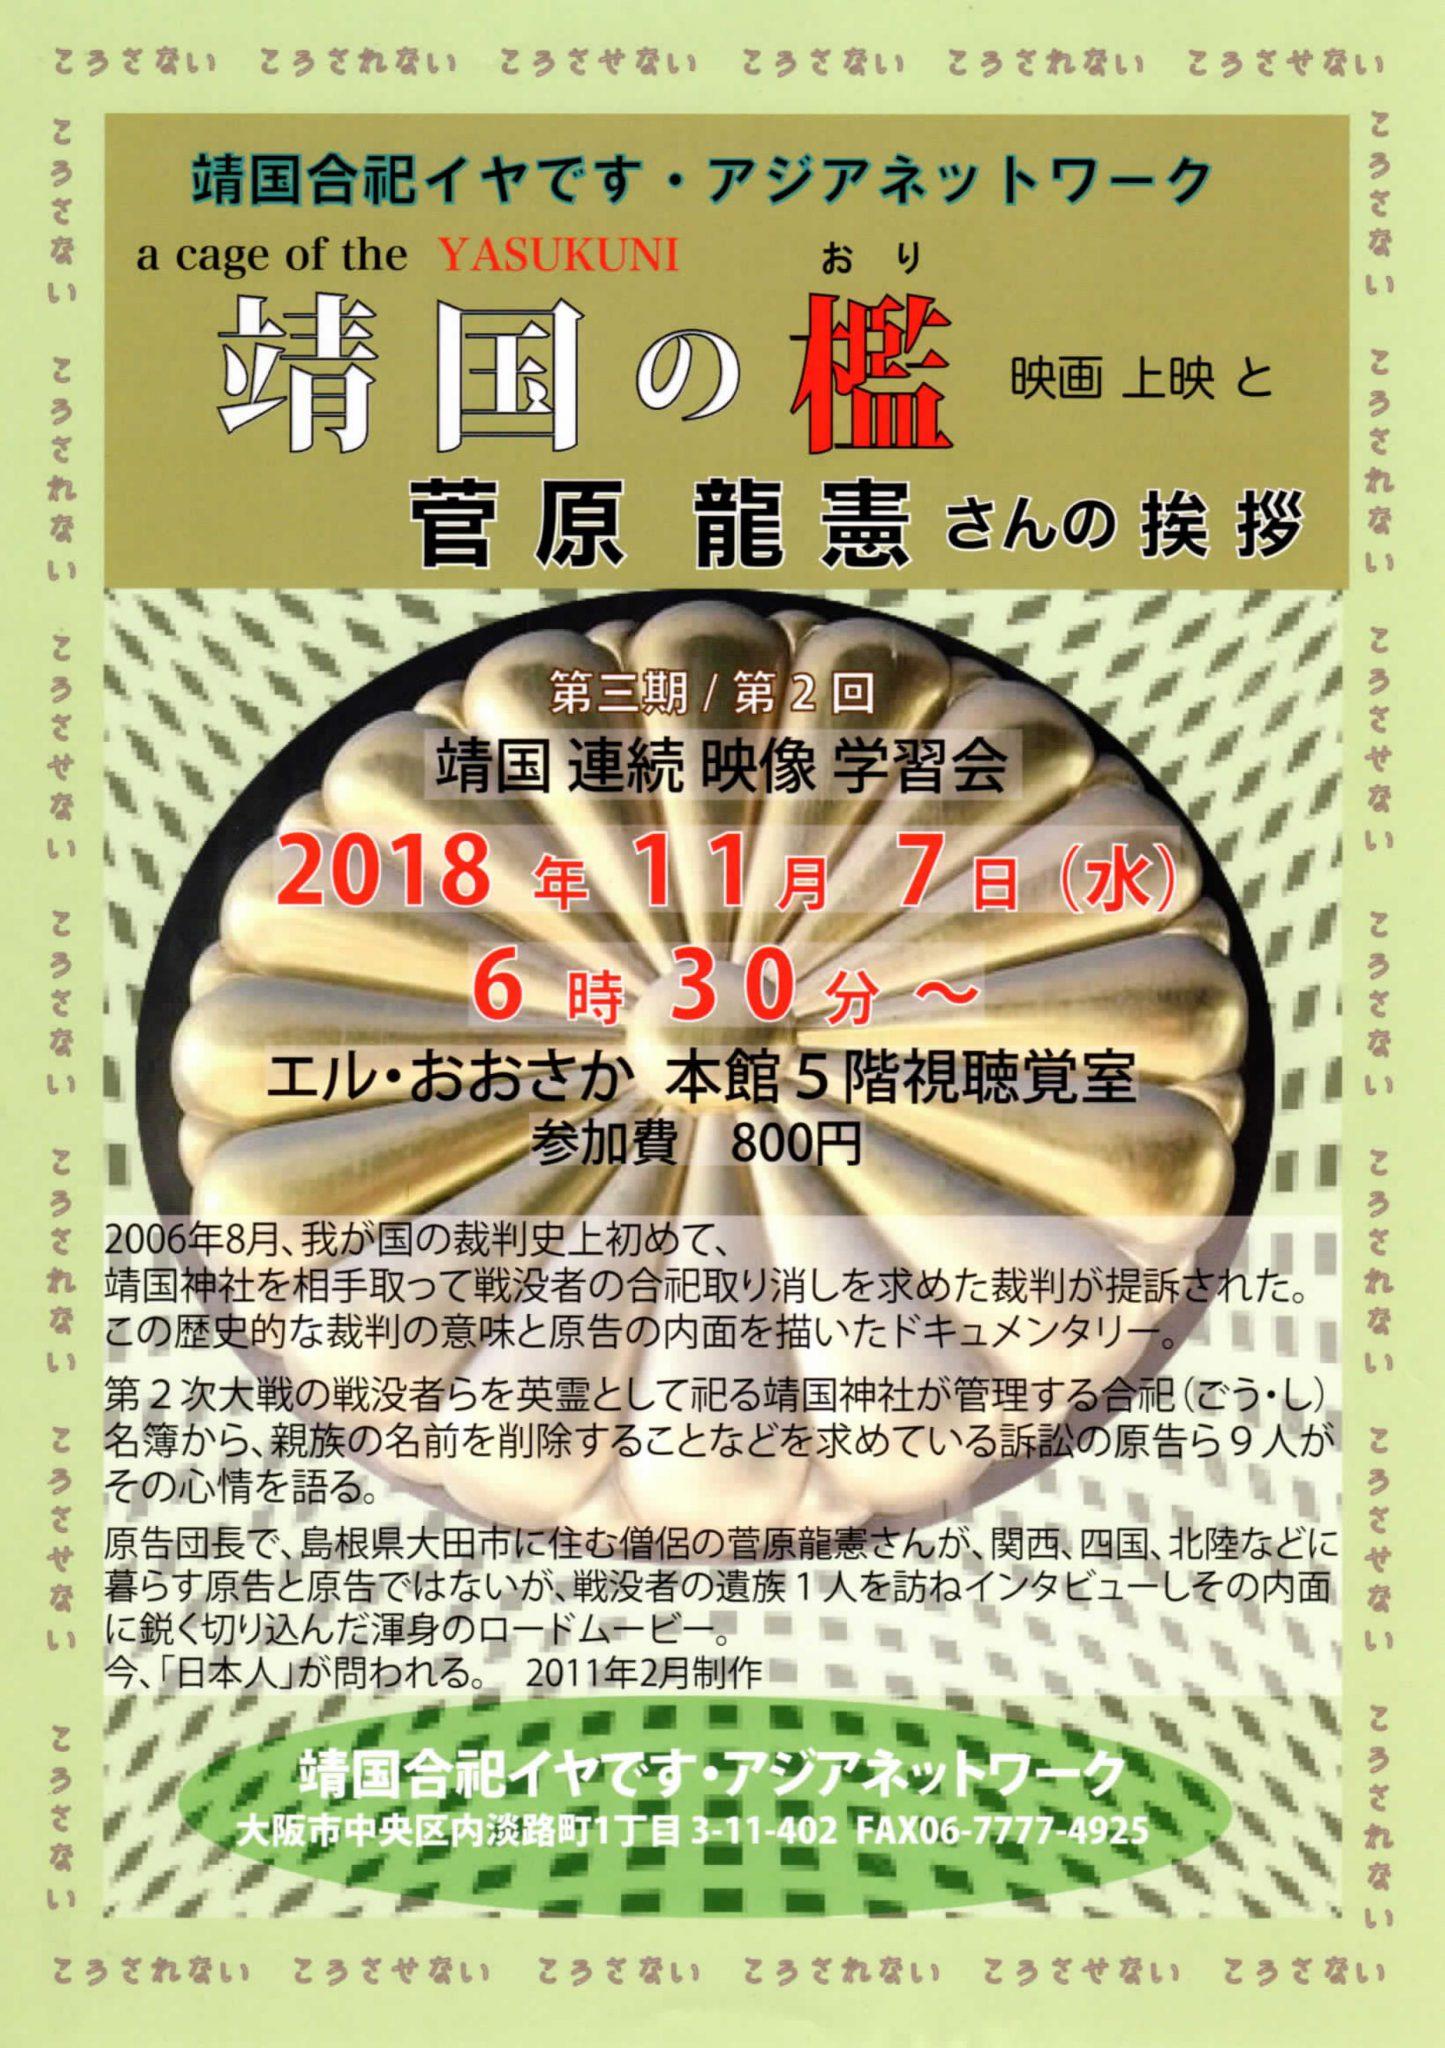 映画「靖国の檻」上映と菅原龍憲さんの挨拶